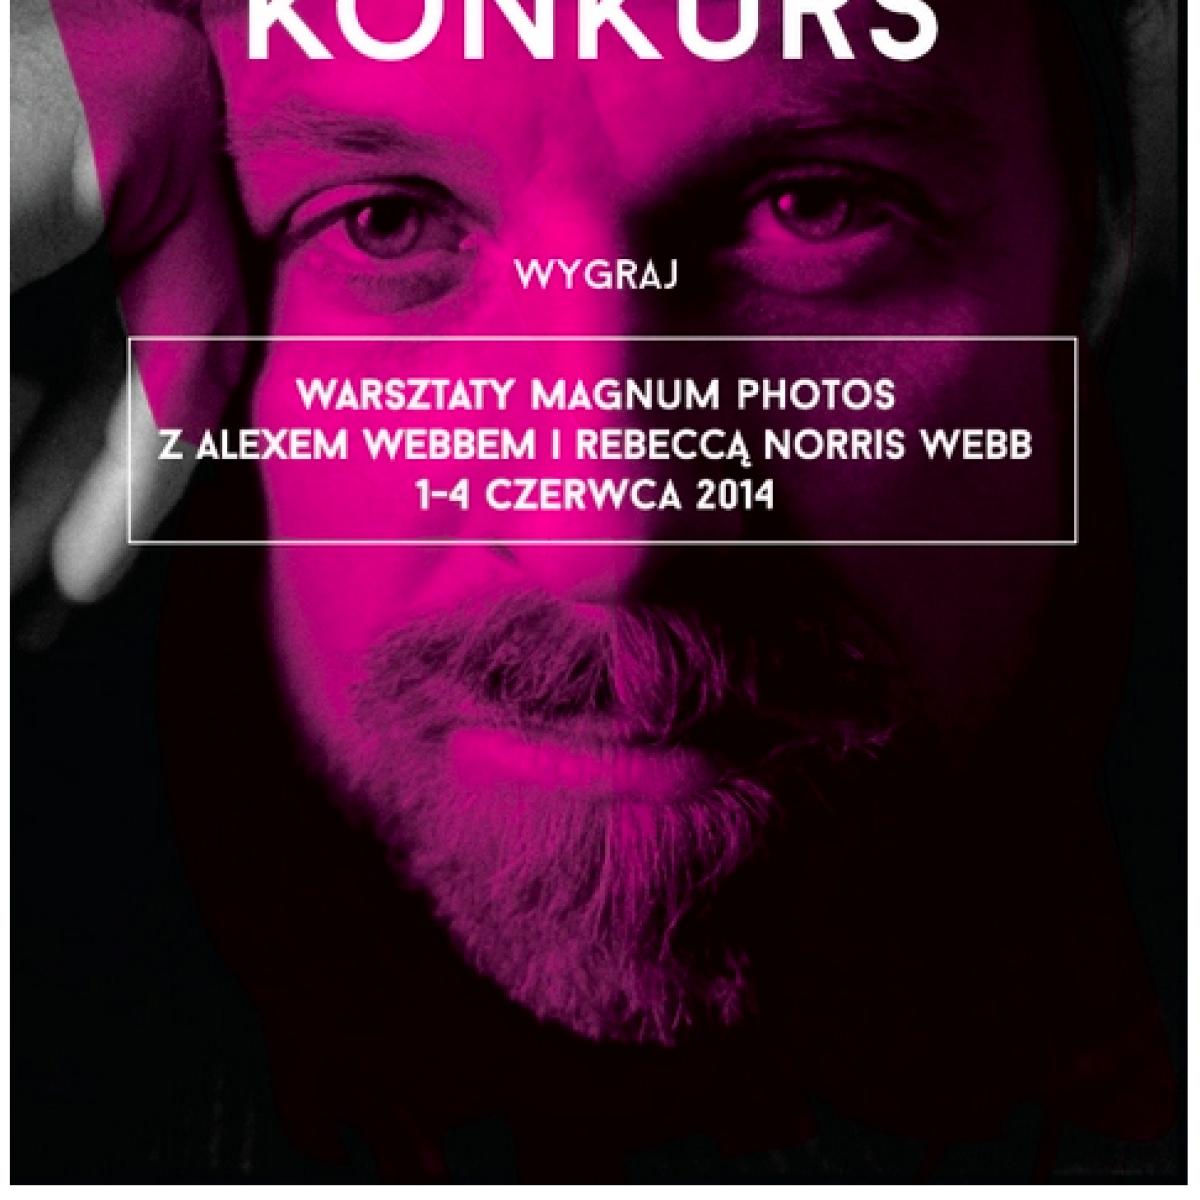 Wygraj warsztaty z Magnum Photos!!!